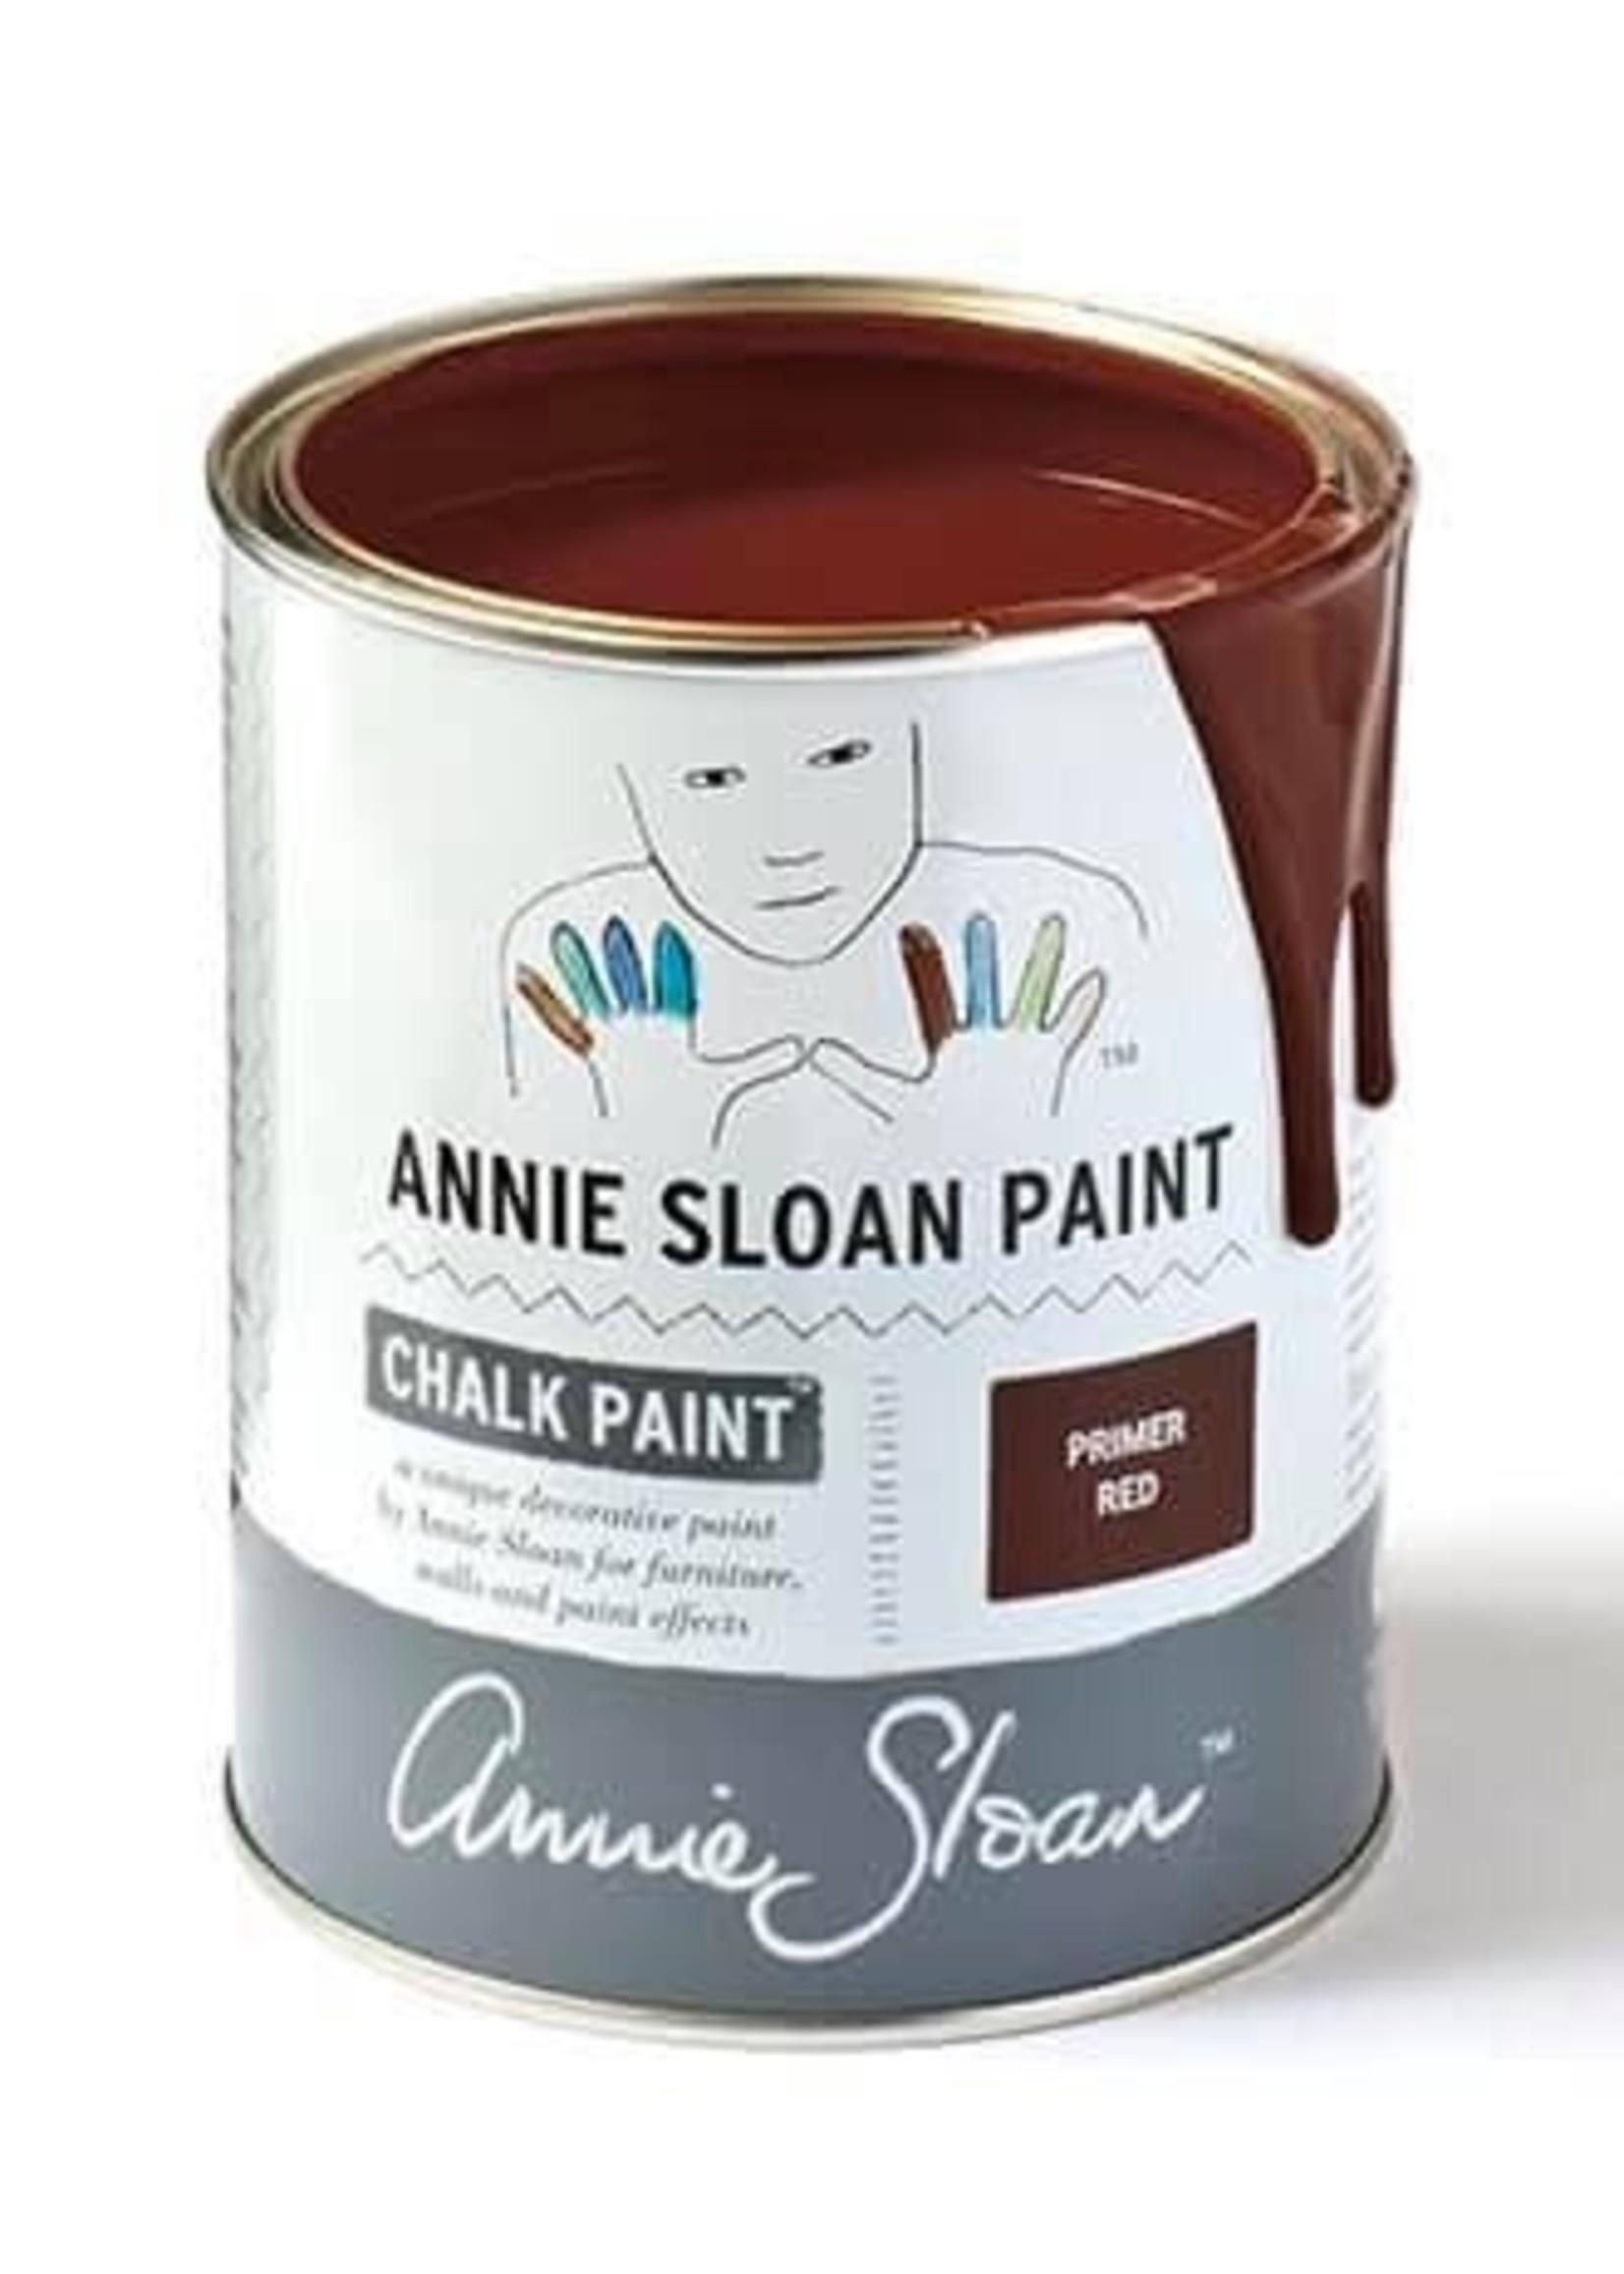 Annie Sloan Chalk Paint® Primer Red Chalk Paint ®